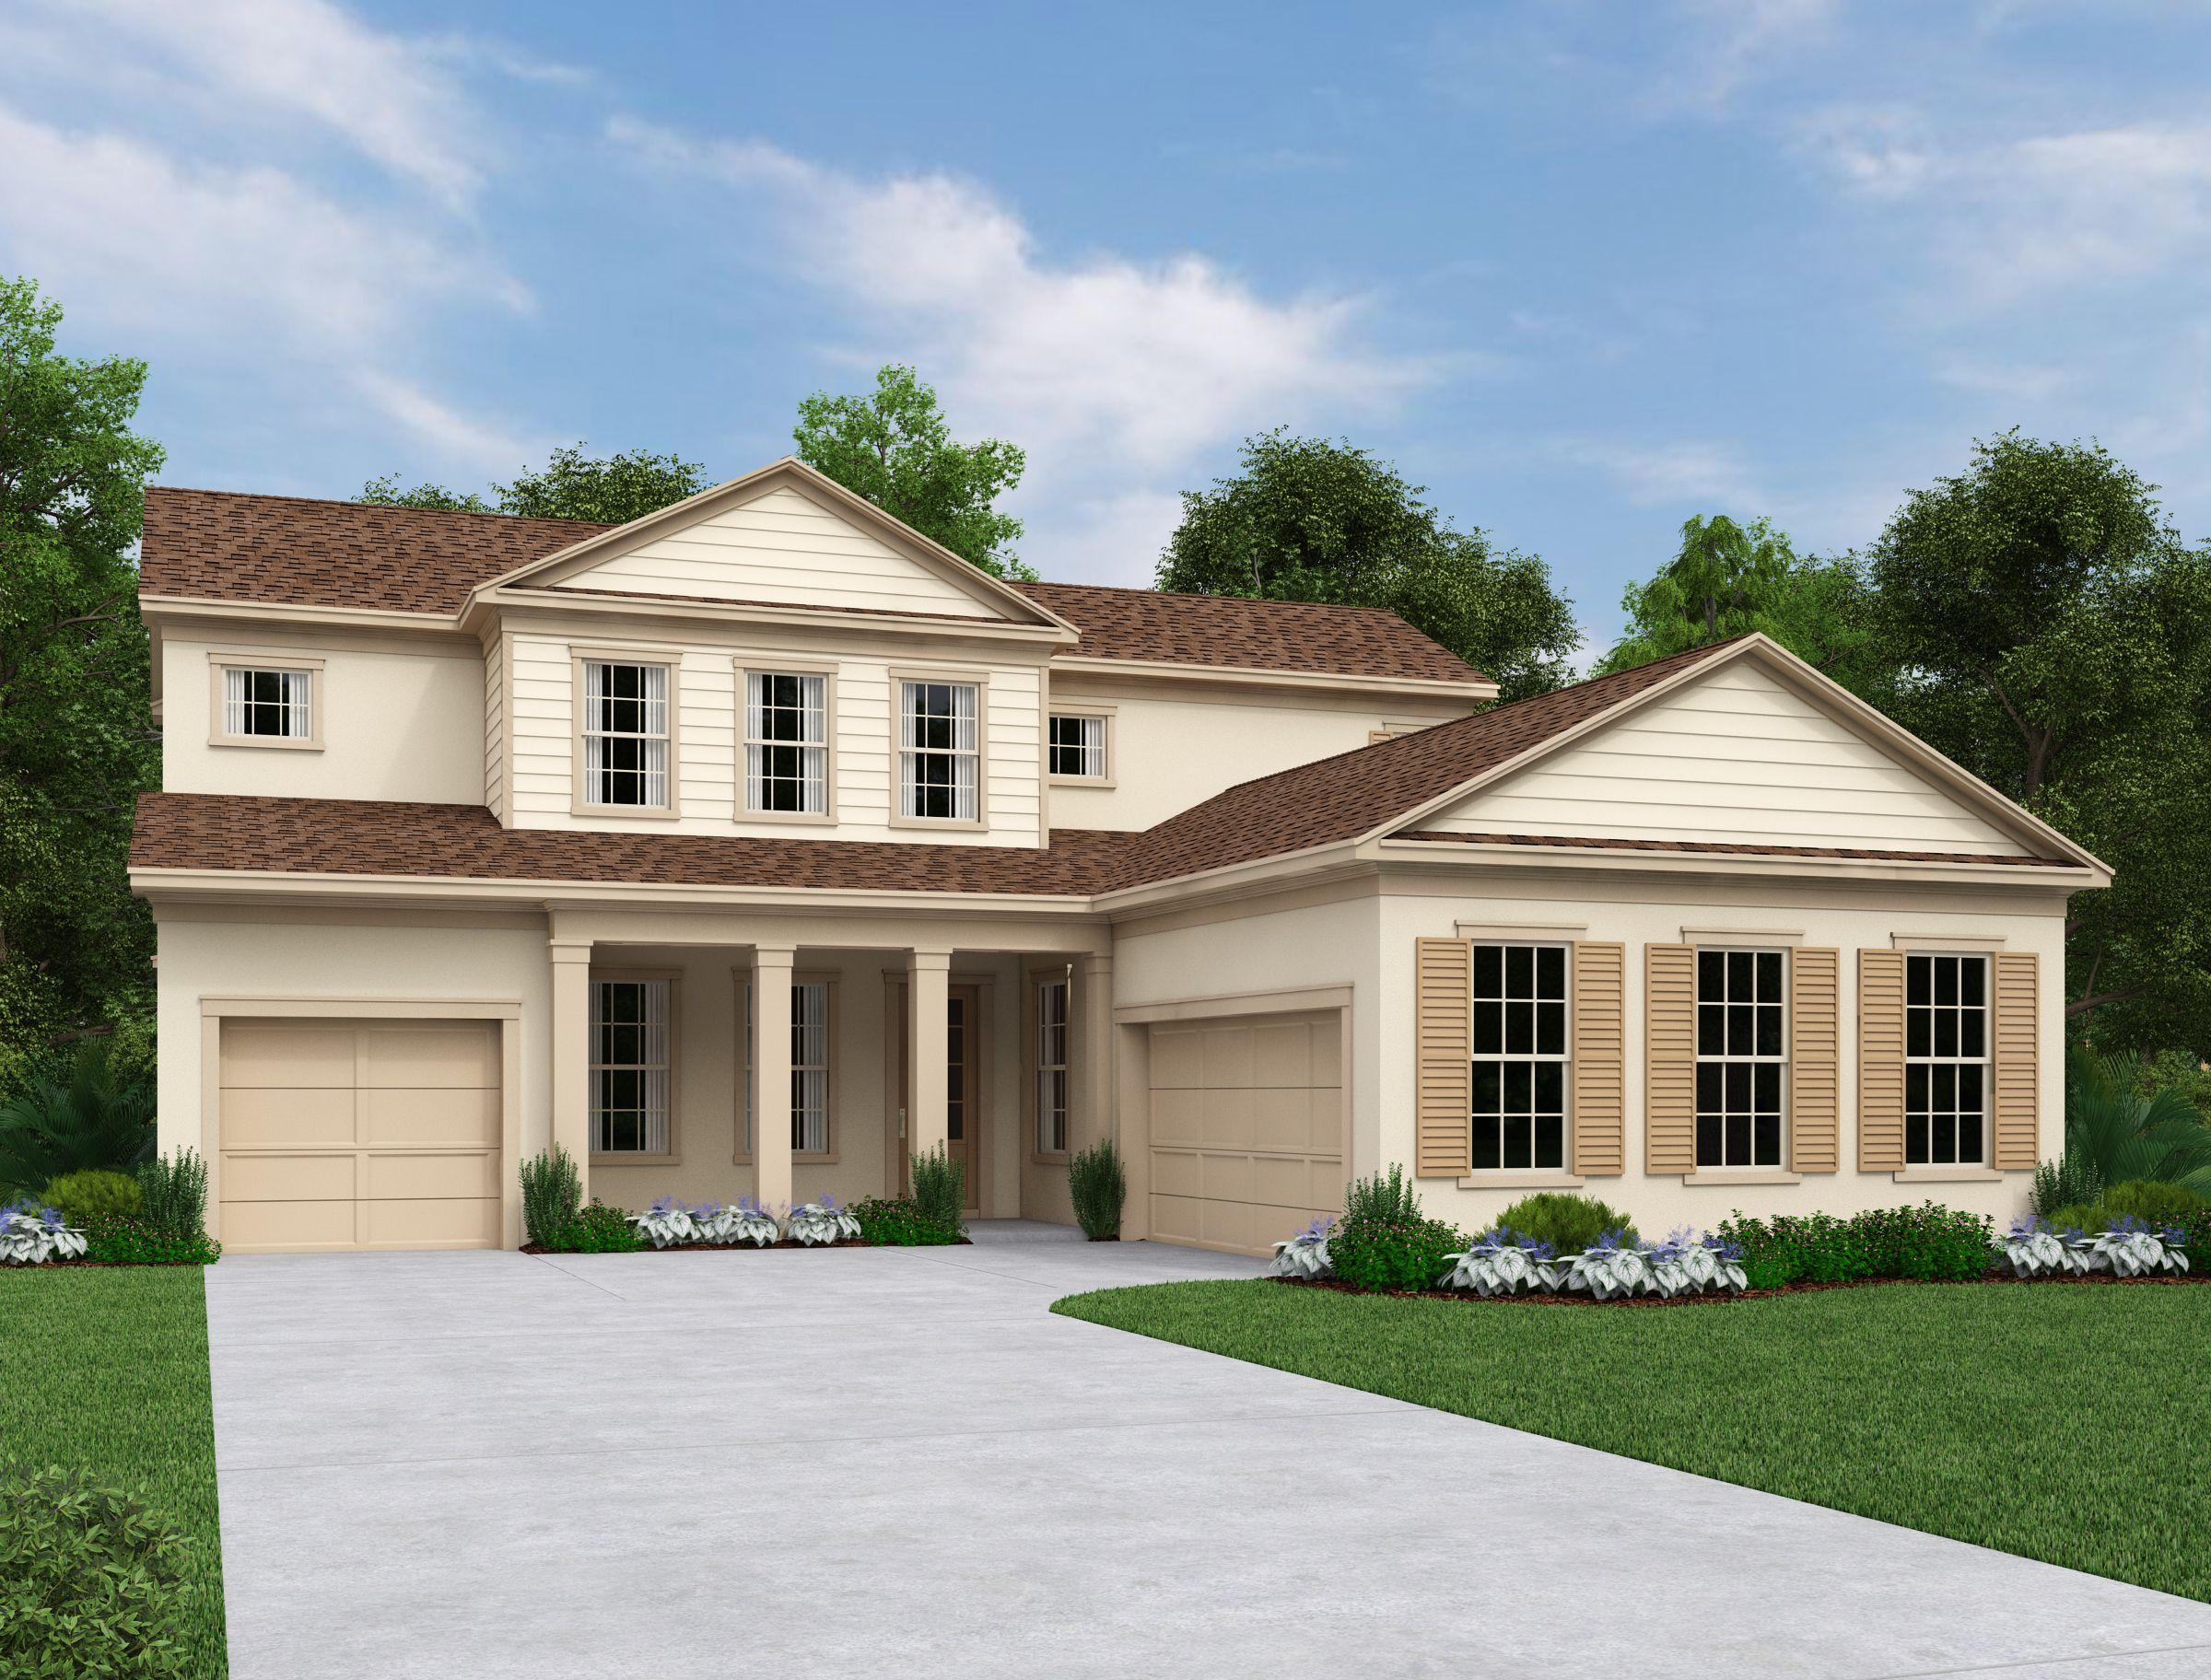 Ashton Woods Homes Hamlin Reserve Amelia Ii 1250887 Winter Garden Fl New Home For Sale